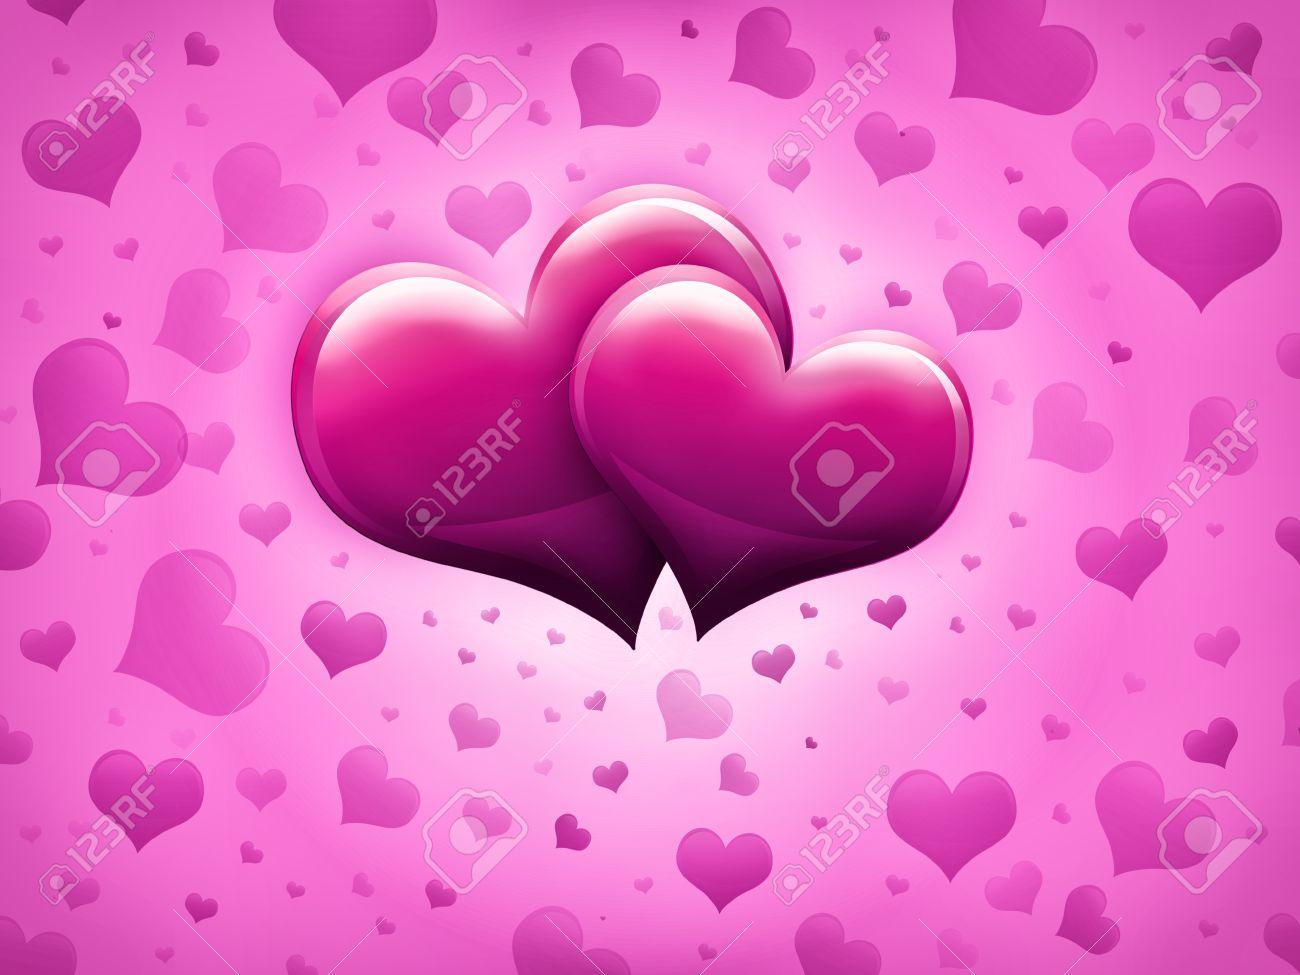 Tarjeta Del Día De San Valentín Con Dos Corazones Grandes De Color